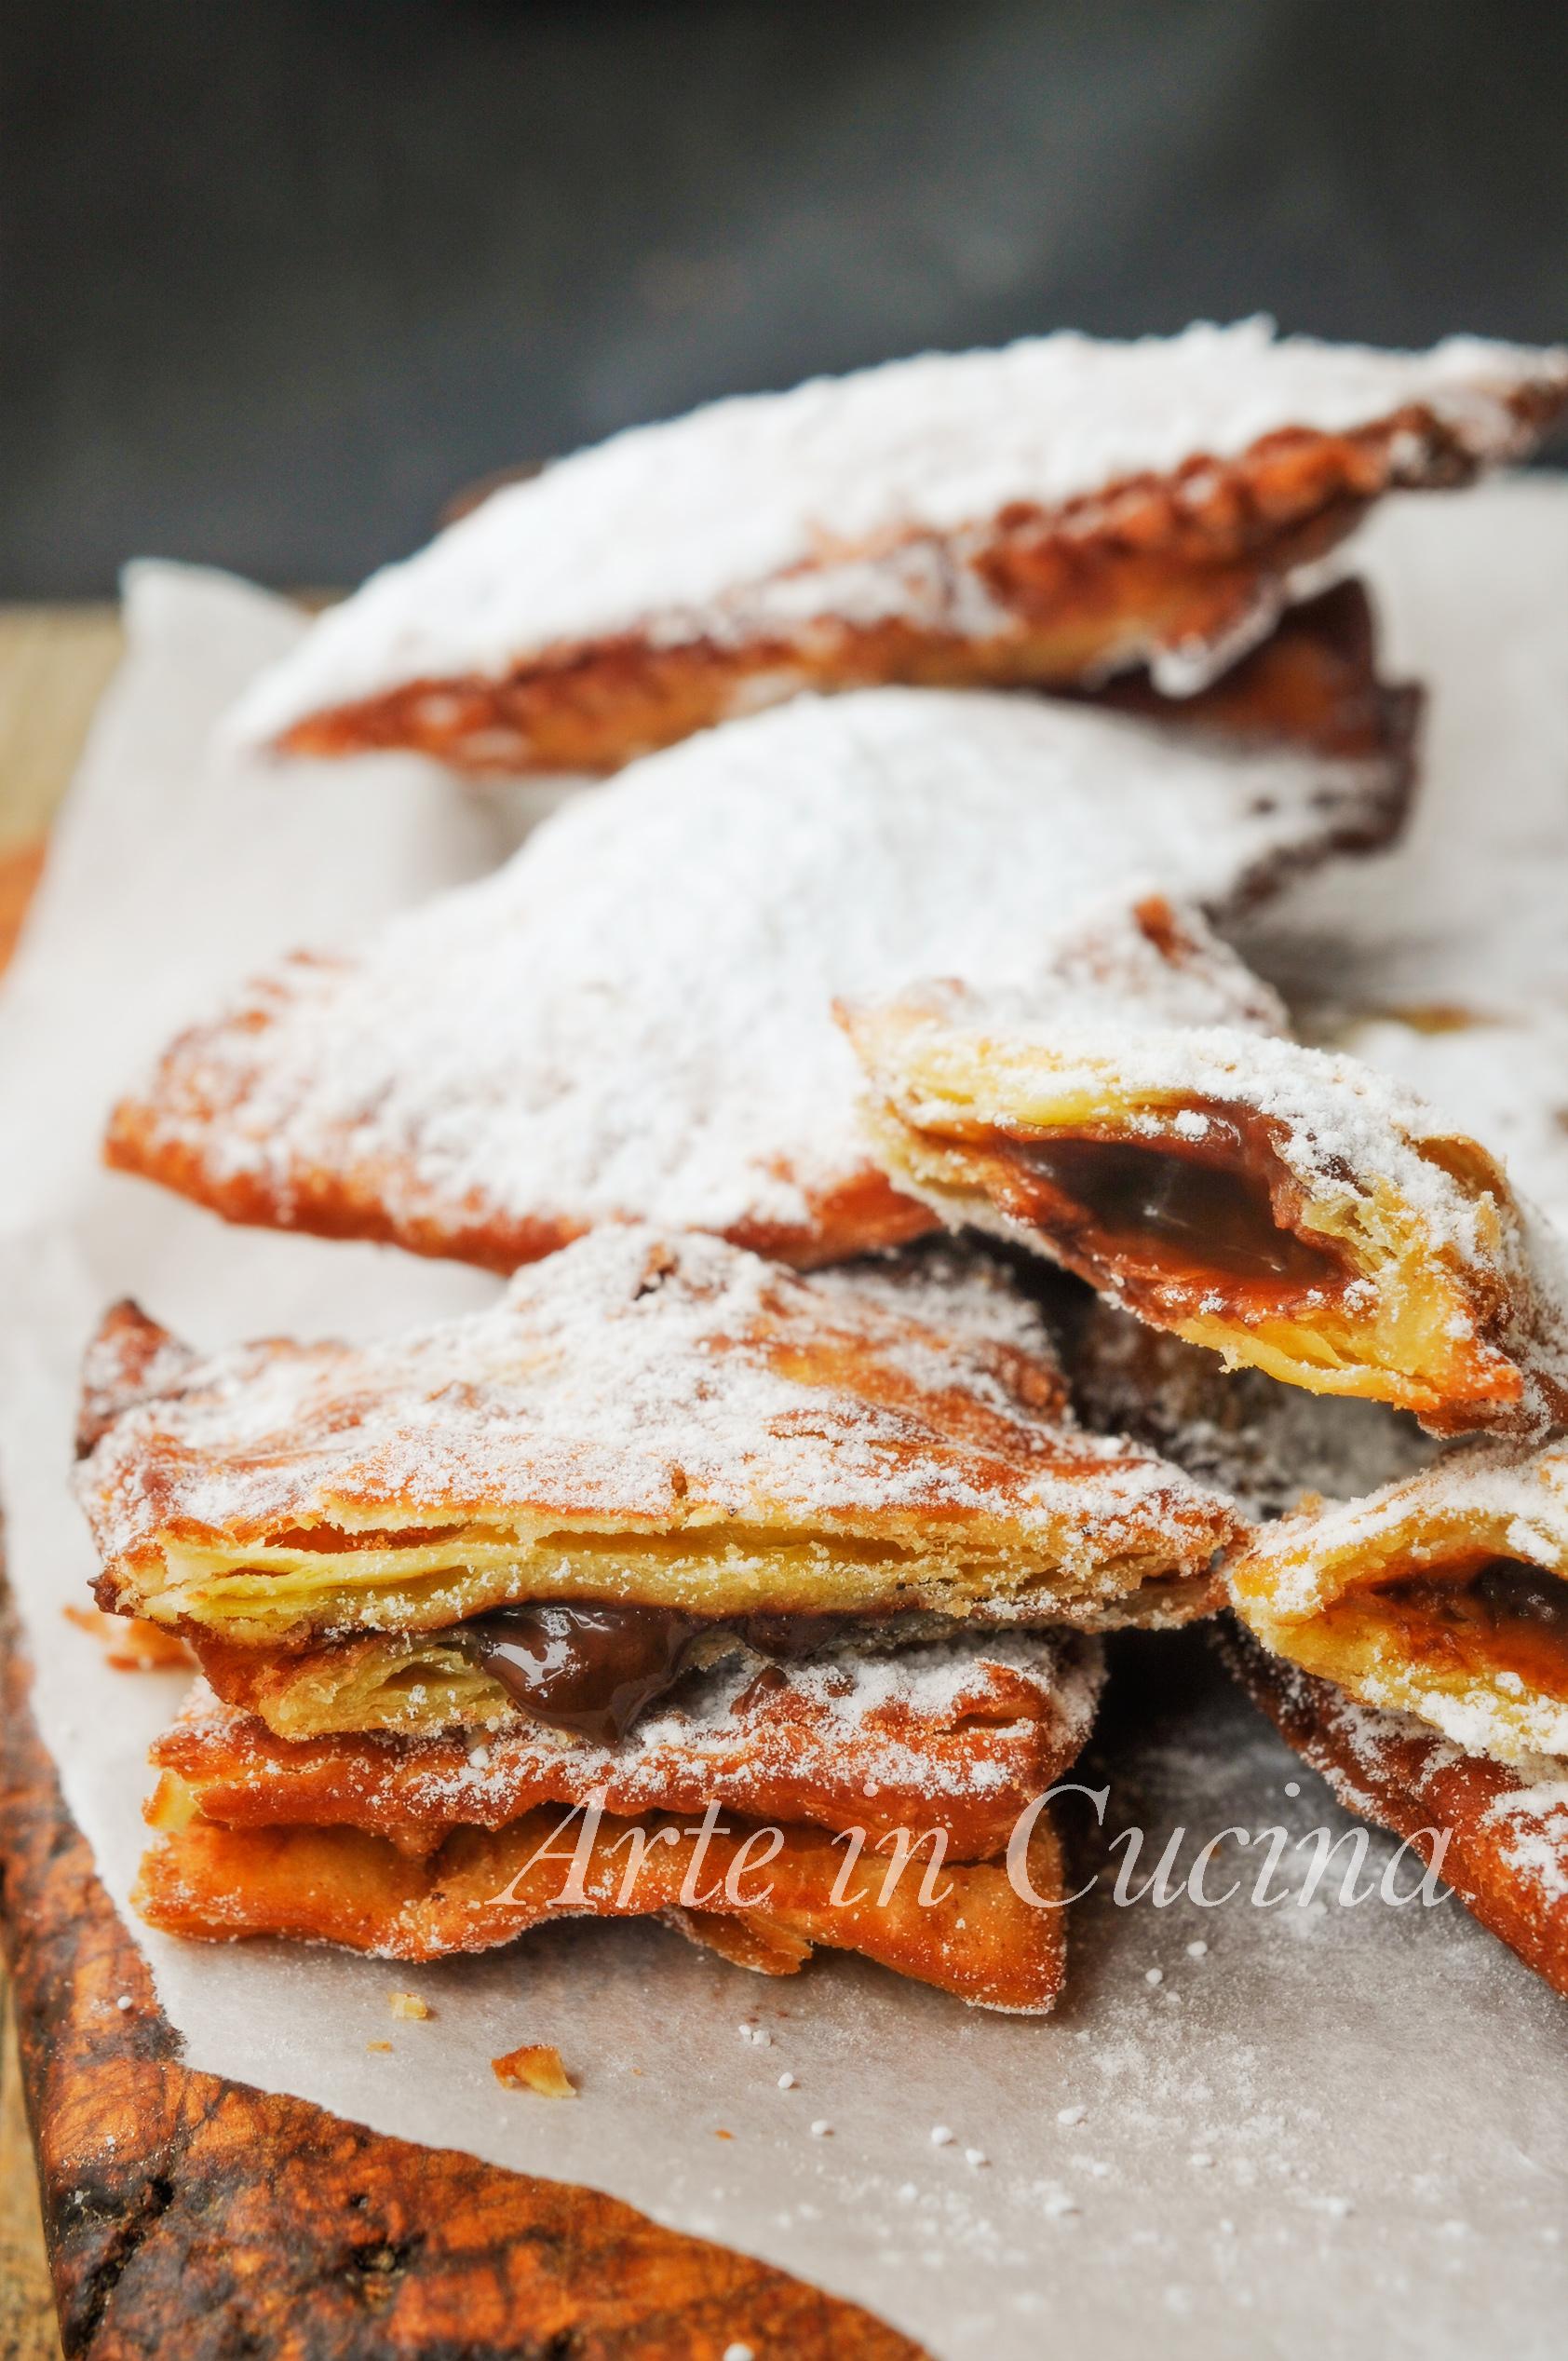 Chiacchiere ripiene di cioccolato o crema veloci vickyart arte in cucina